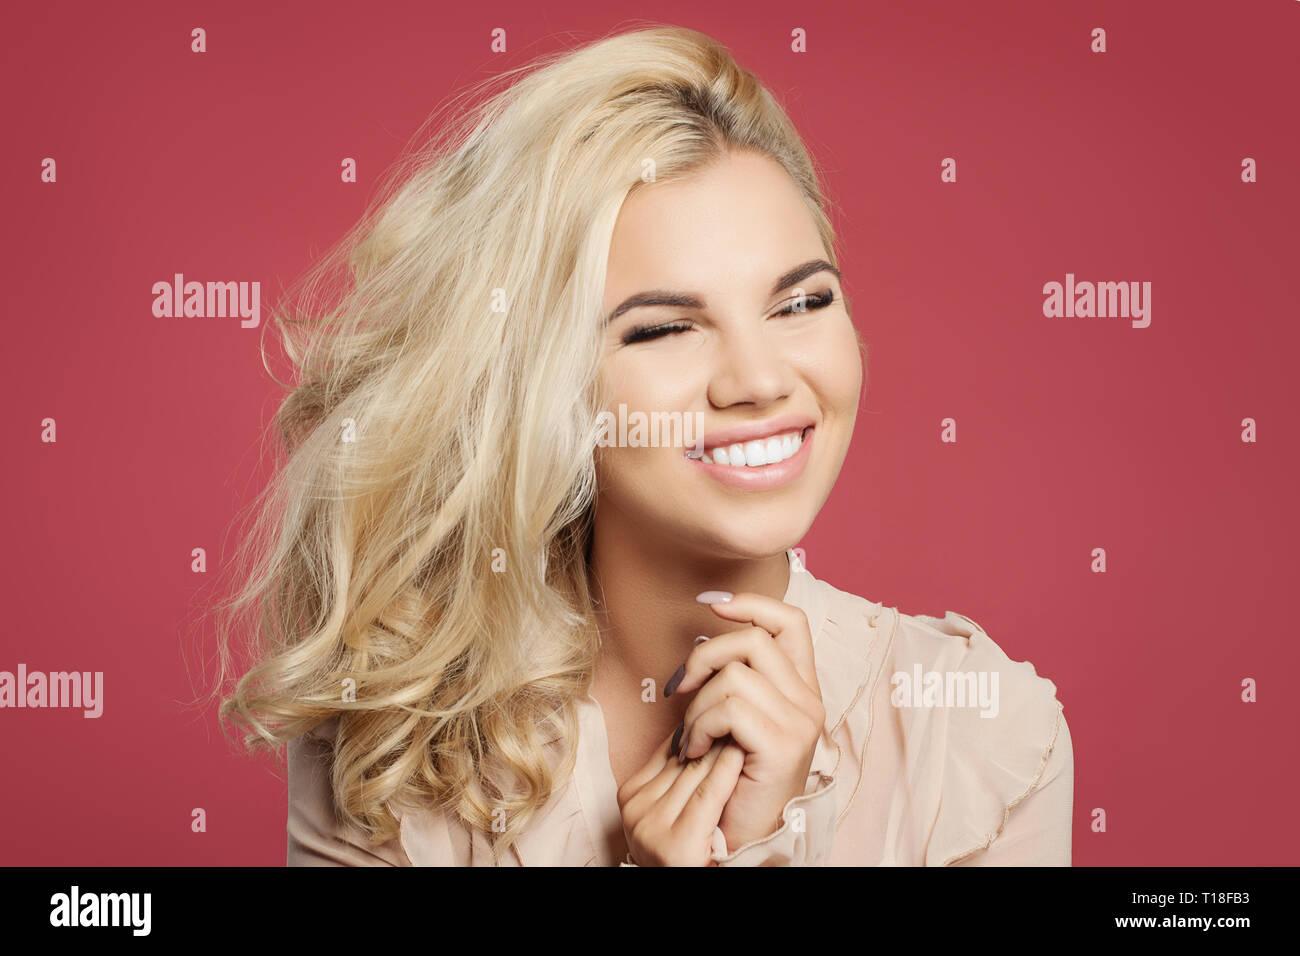 Junge Frau Mit Blonden Lockigen Bob Frisur Spass Und Lachen Gegen